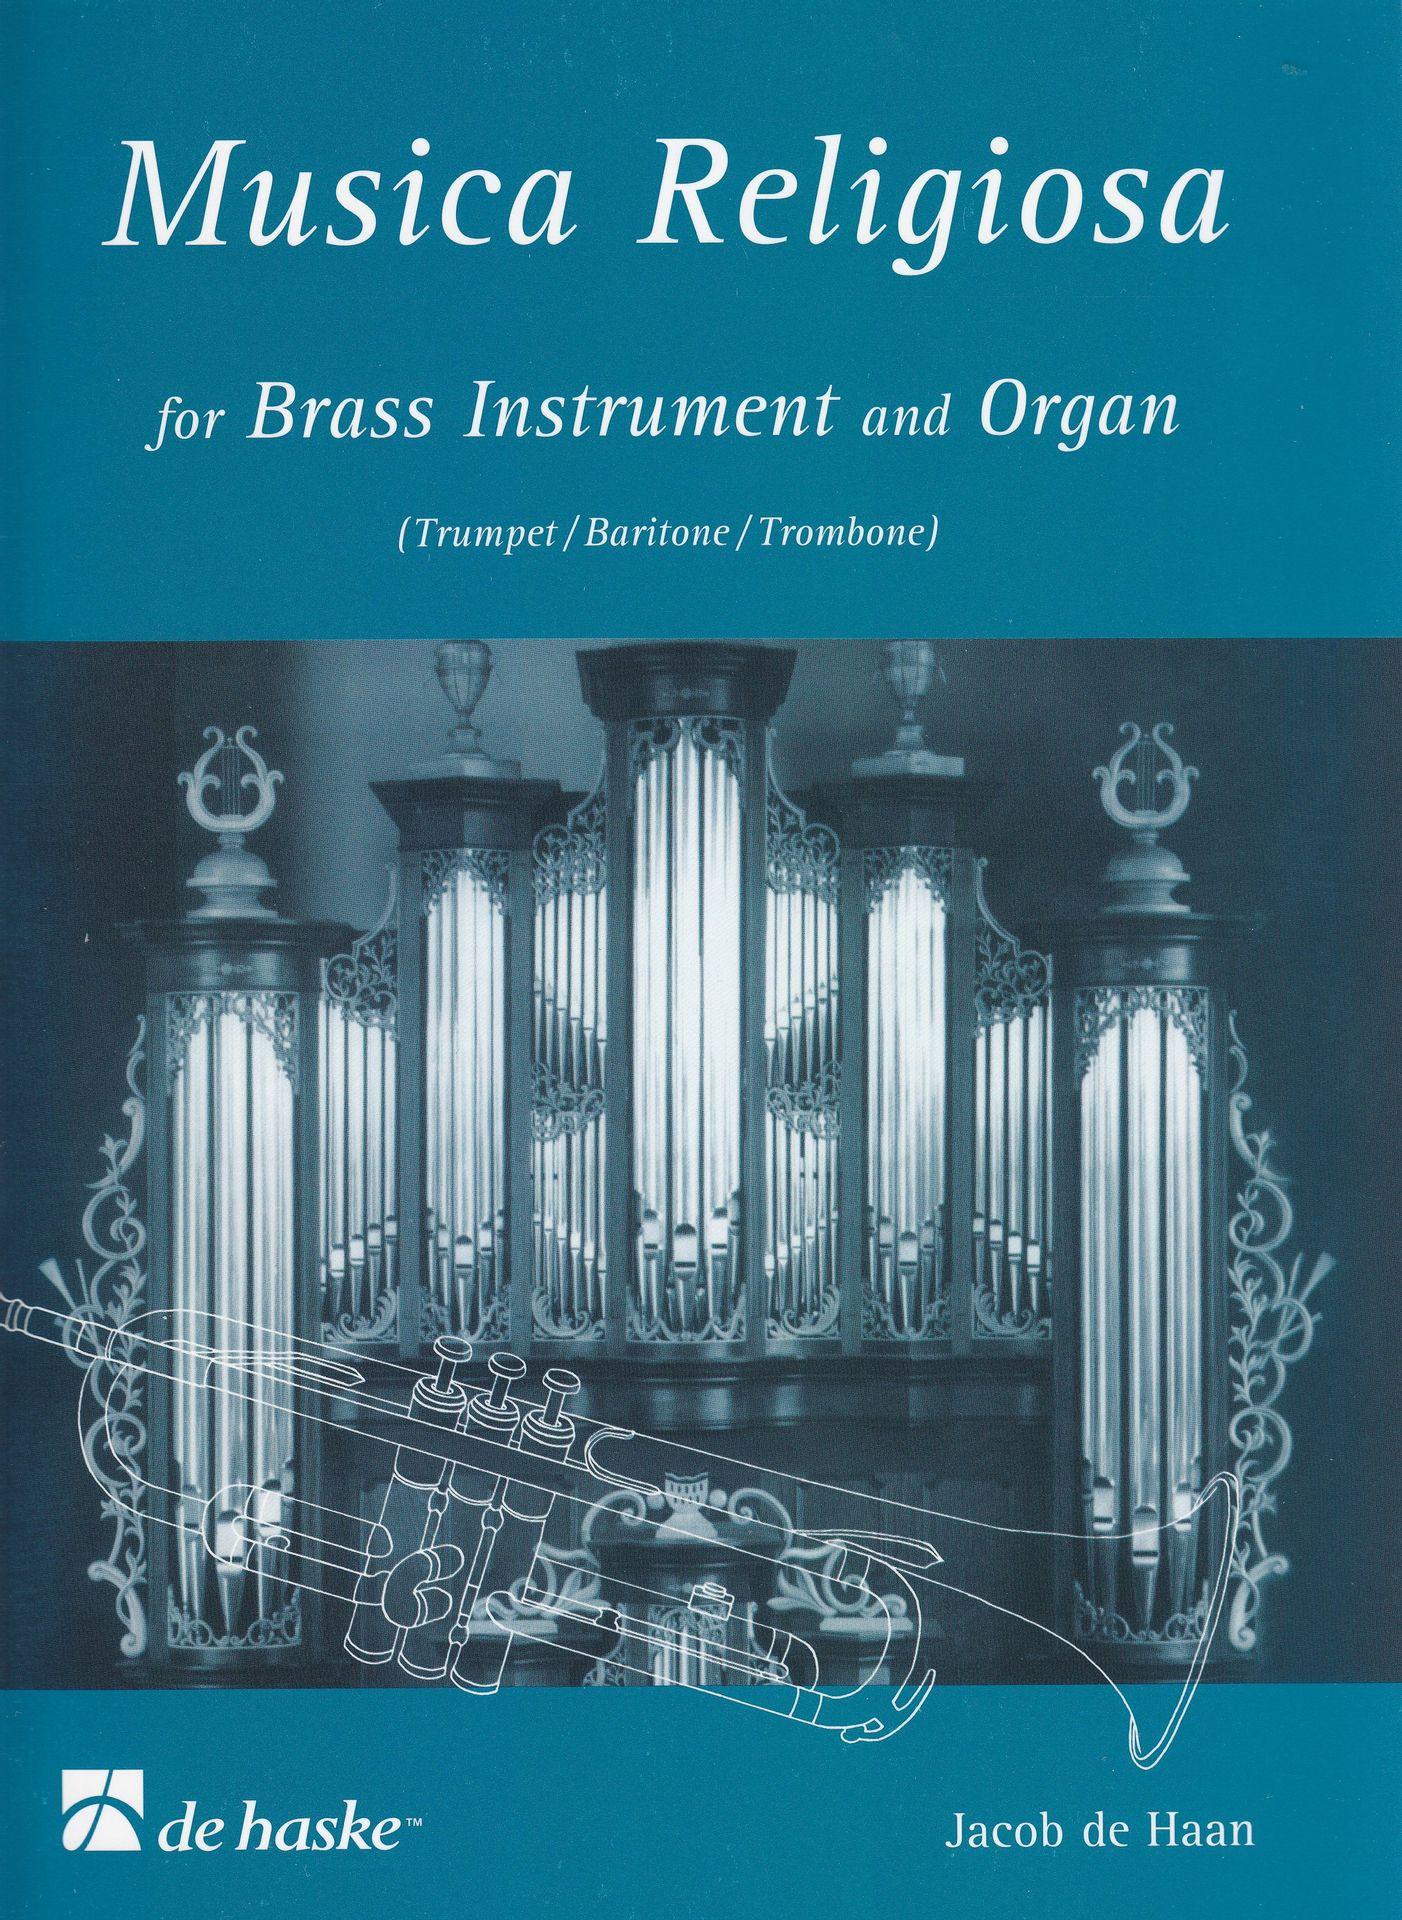 Noten Musica religiosa für Orgel & Blasinstrument Jacob Haan deHaske 900225